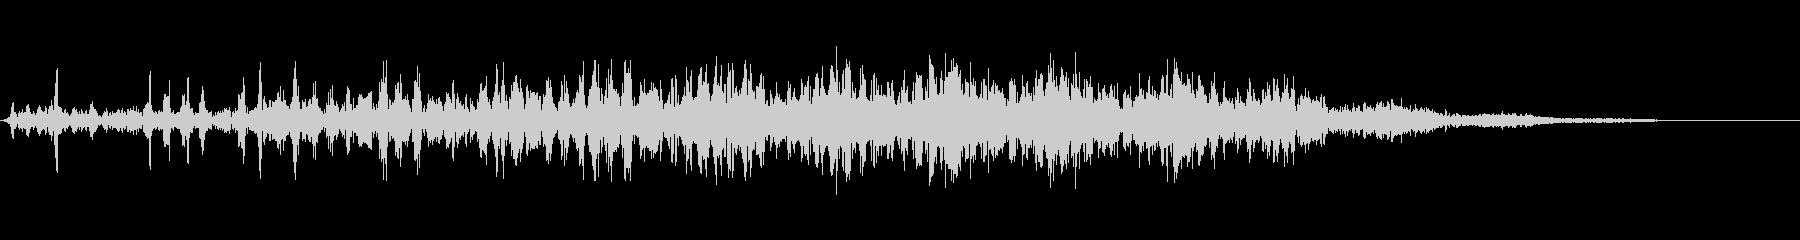 時空を越えて上昇していく音3の未再生の波形